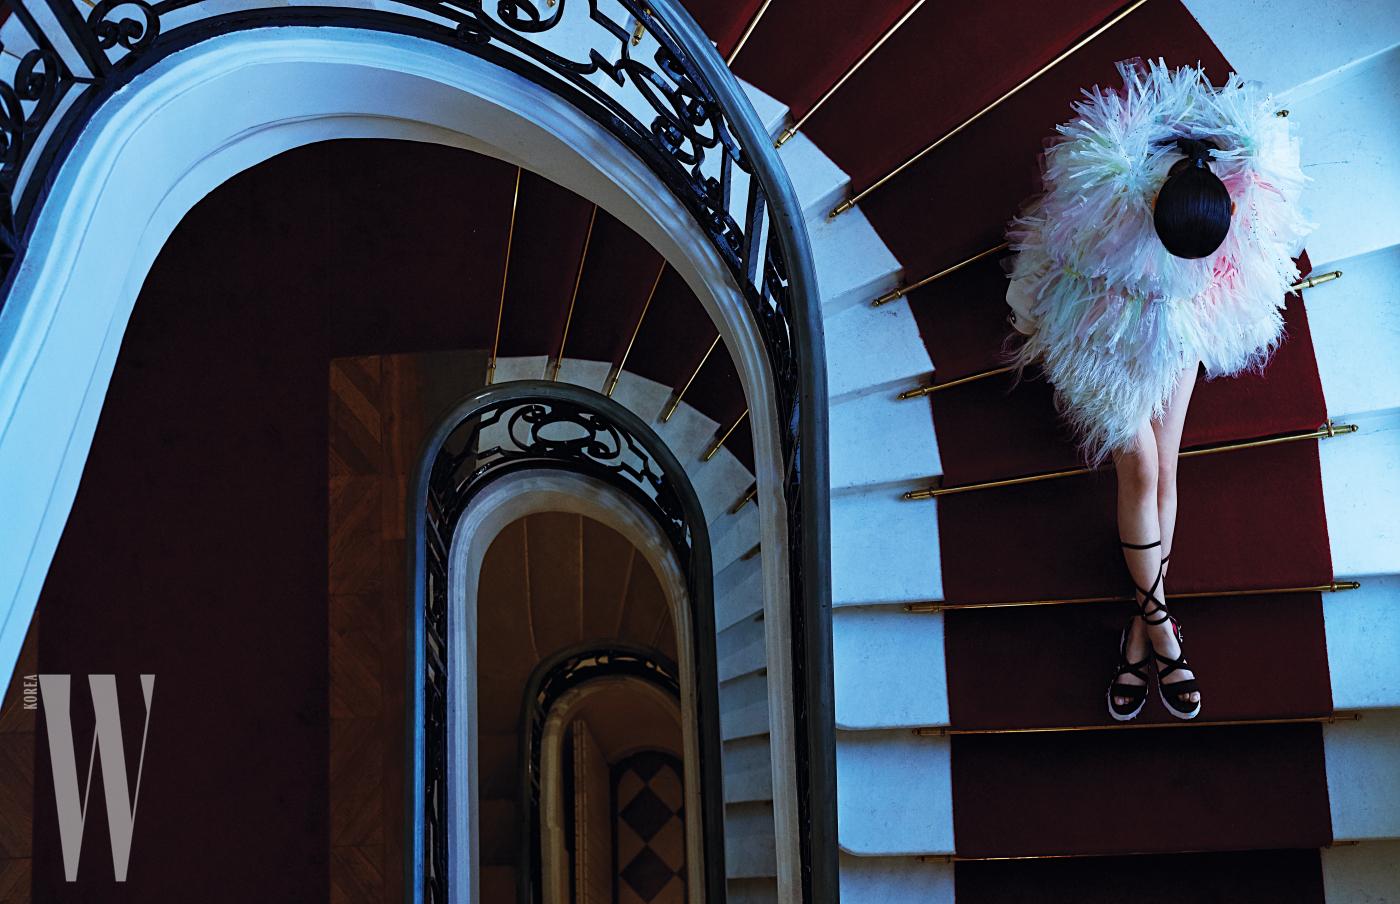 원시적인 느낌의 라피아 톱과 글래디에이터 슈즈는 Schiaparelli 제품.